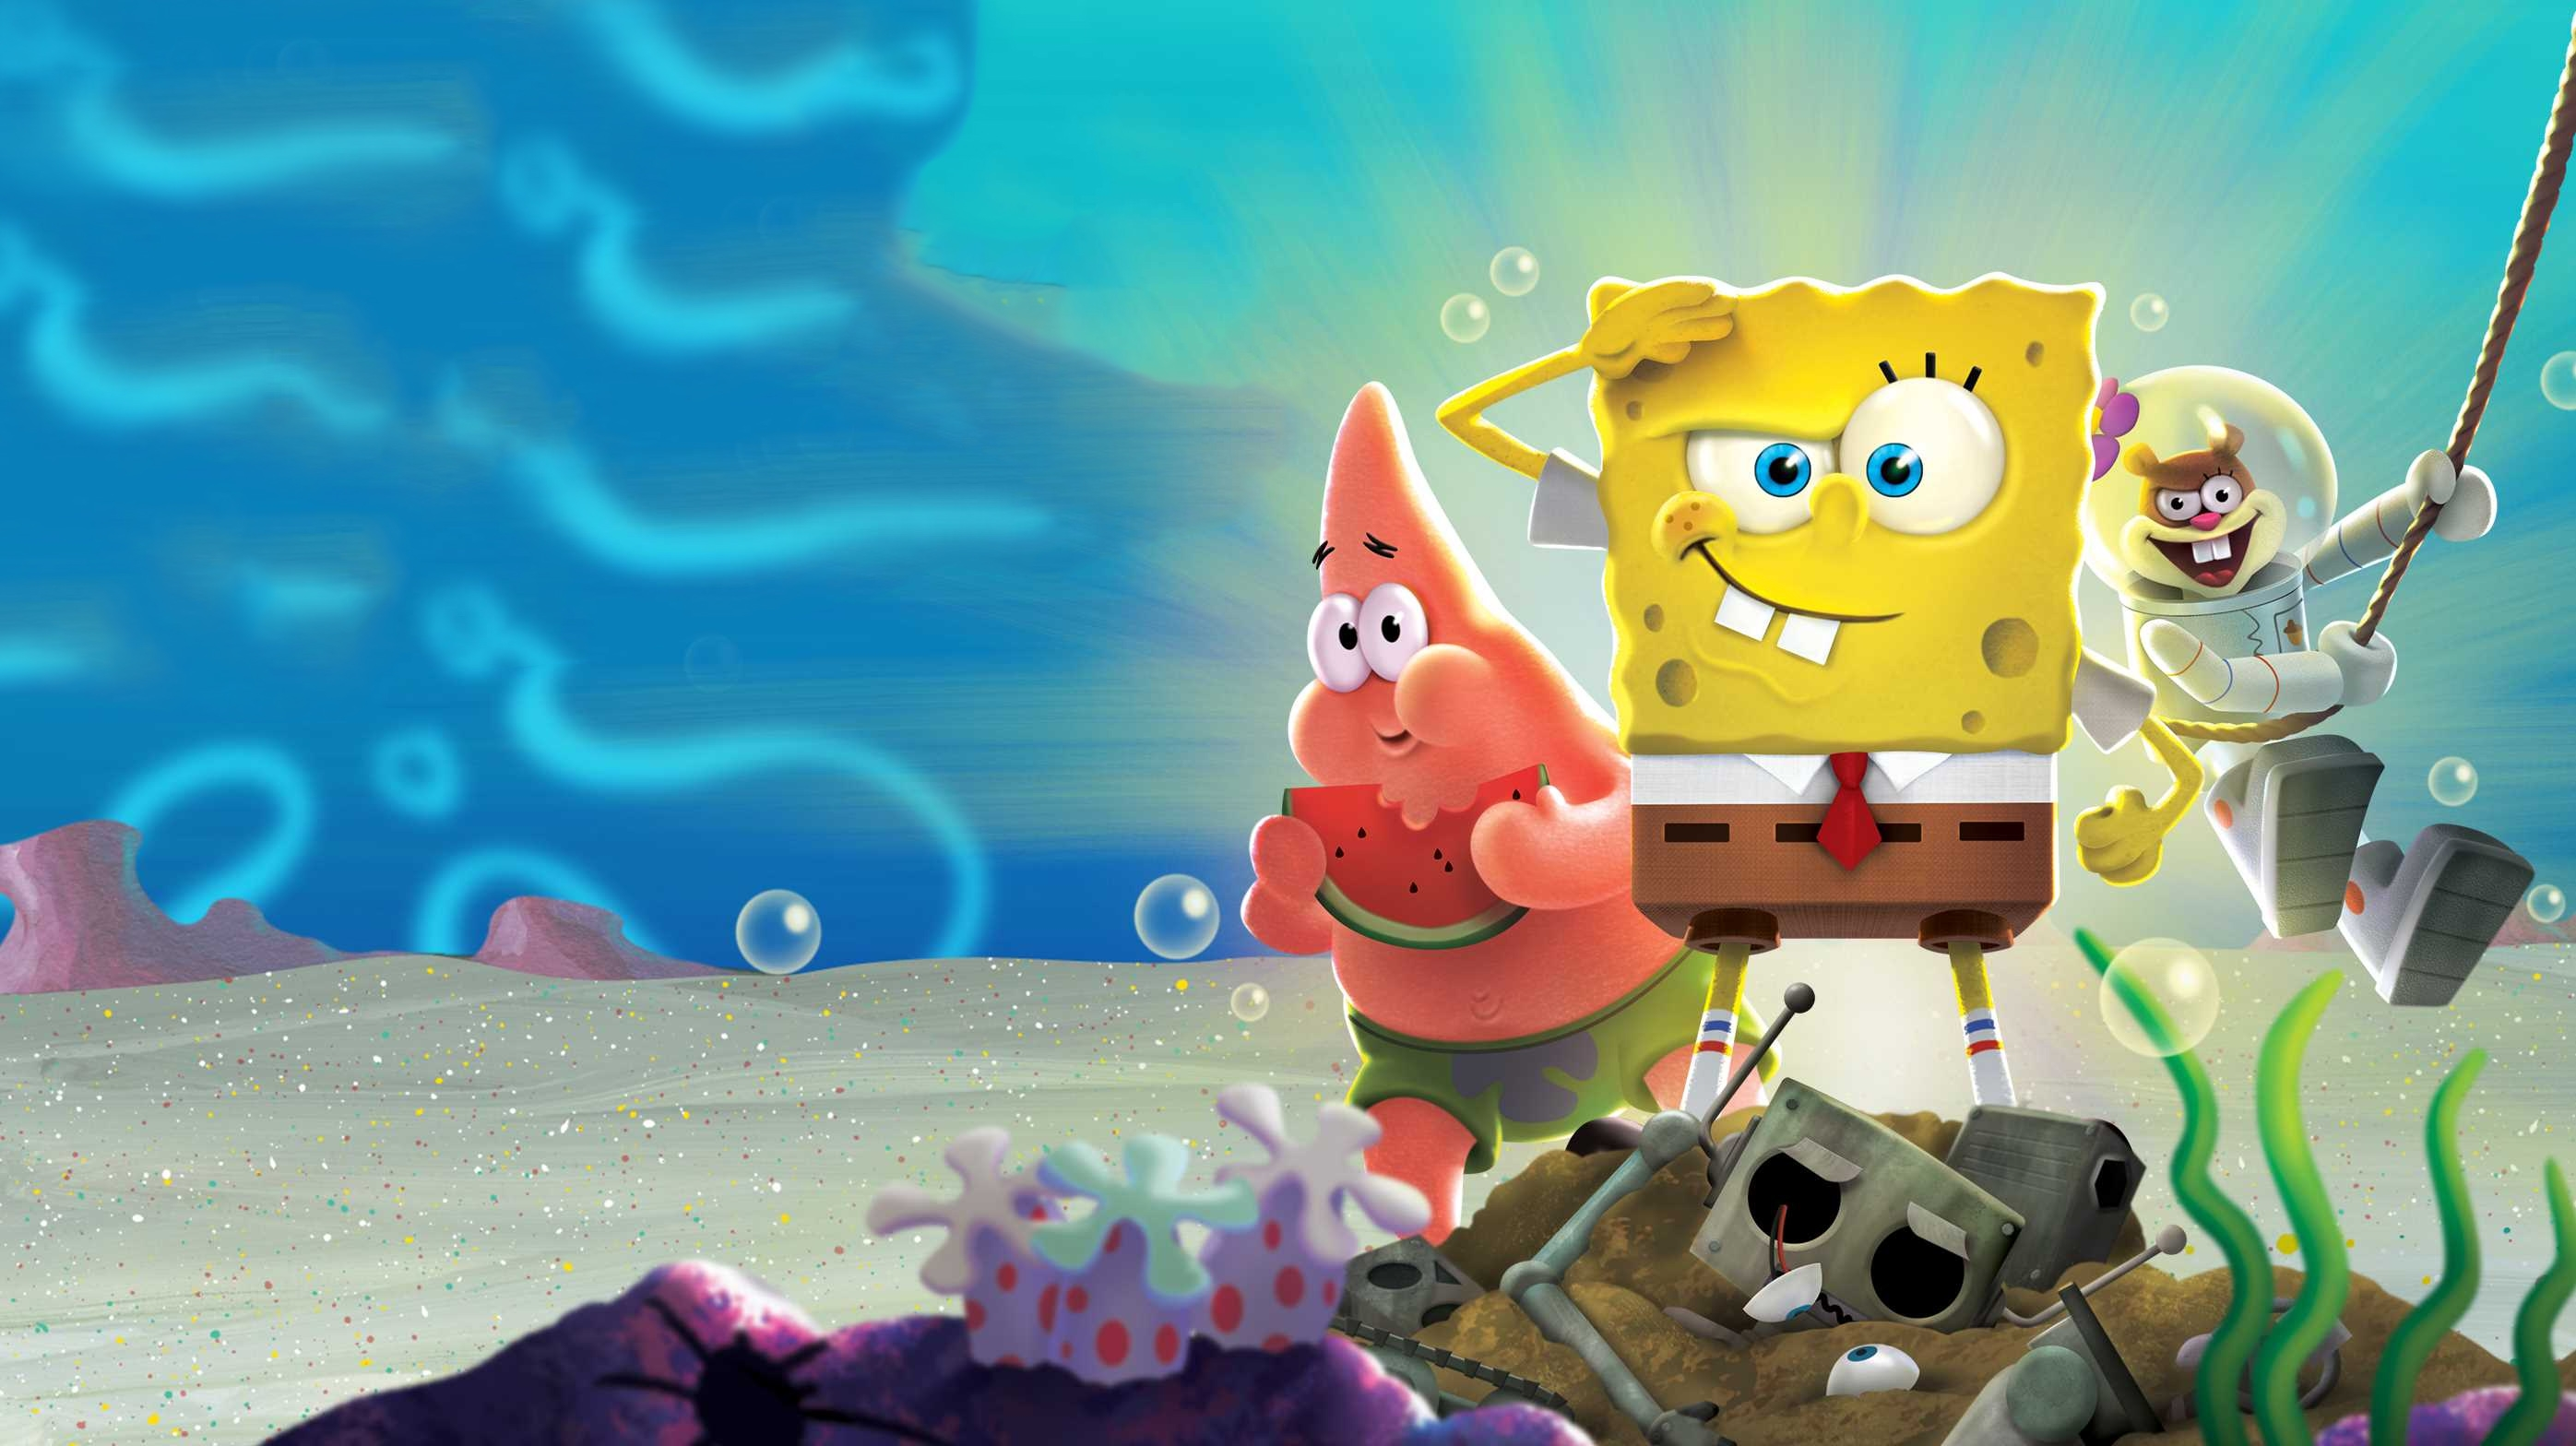 Spongebob Underwater Wallpapers - Wallpaper Cave